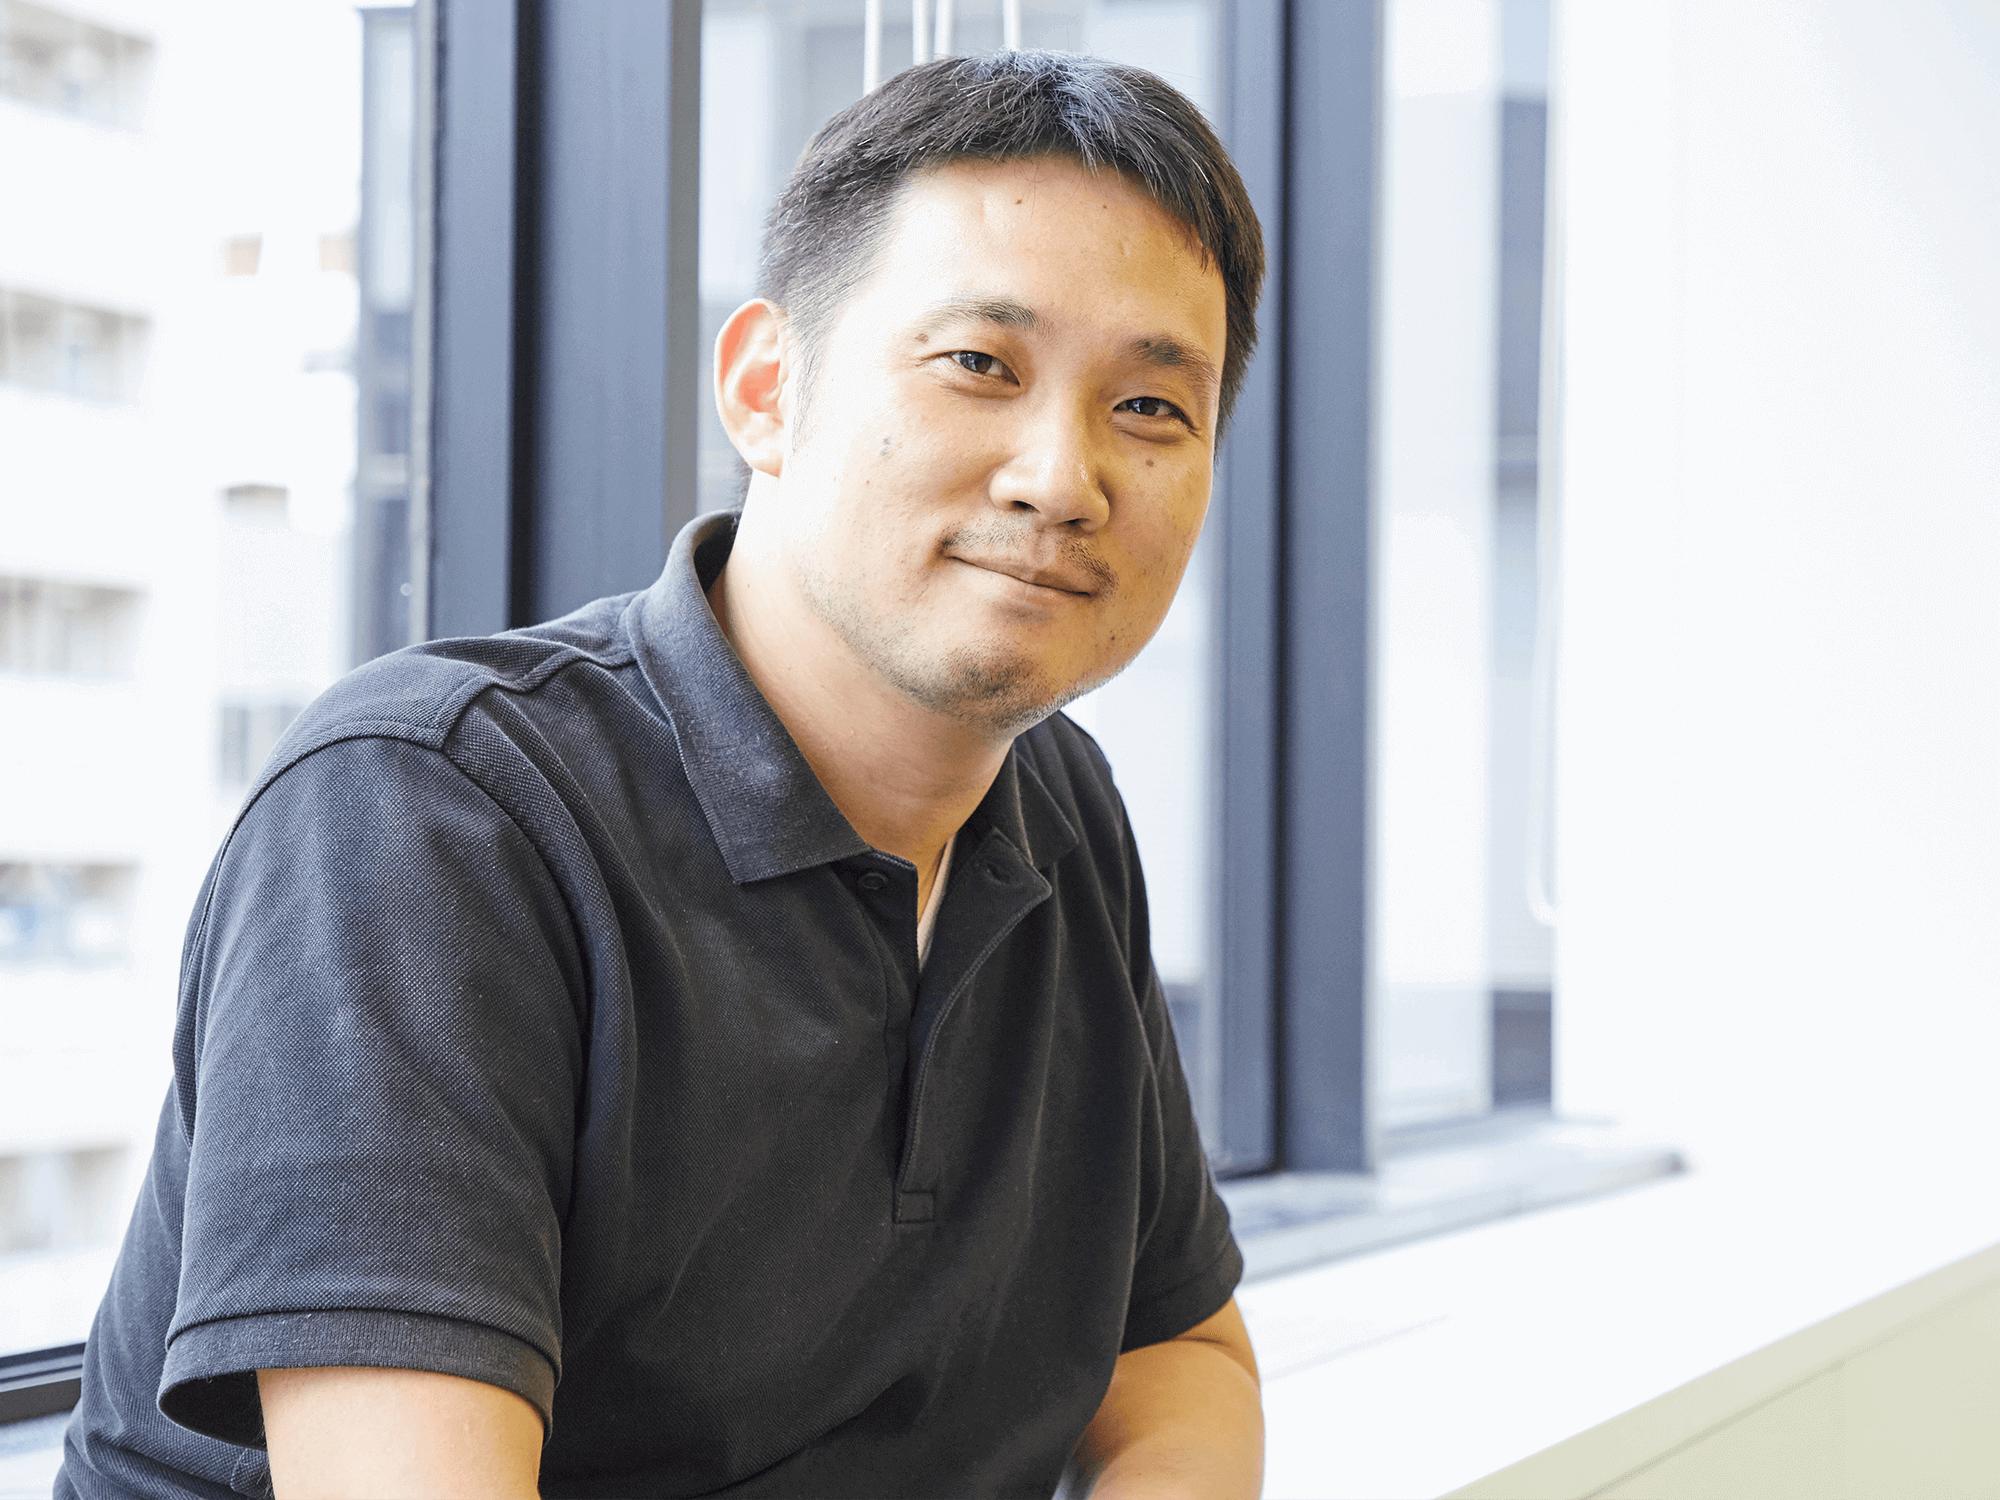 カンヌも認めた若き巨匠、濱口竜介監督の映画術とは『寝ても覚めても』【Director's Interview Vol.8】